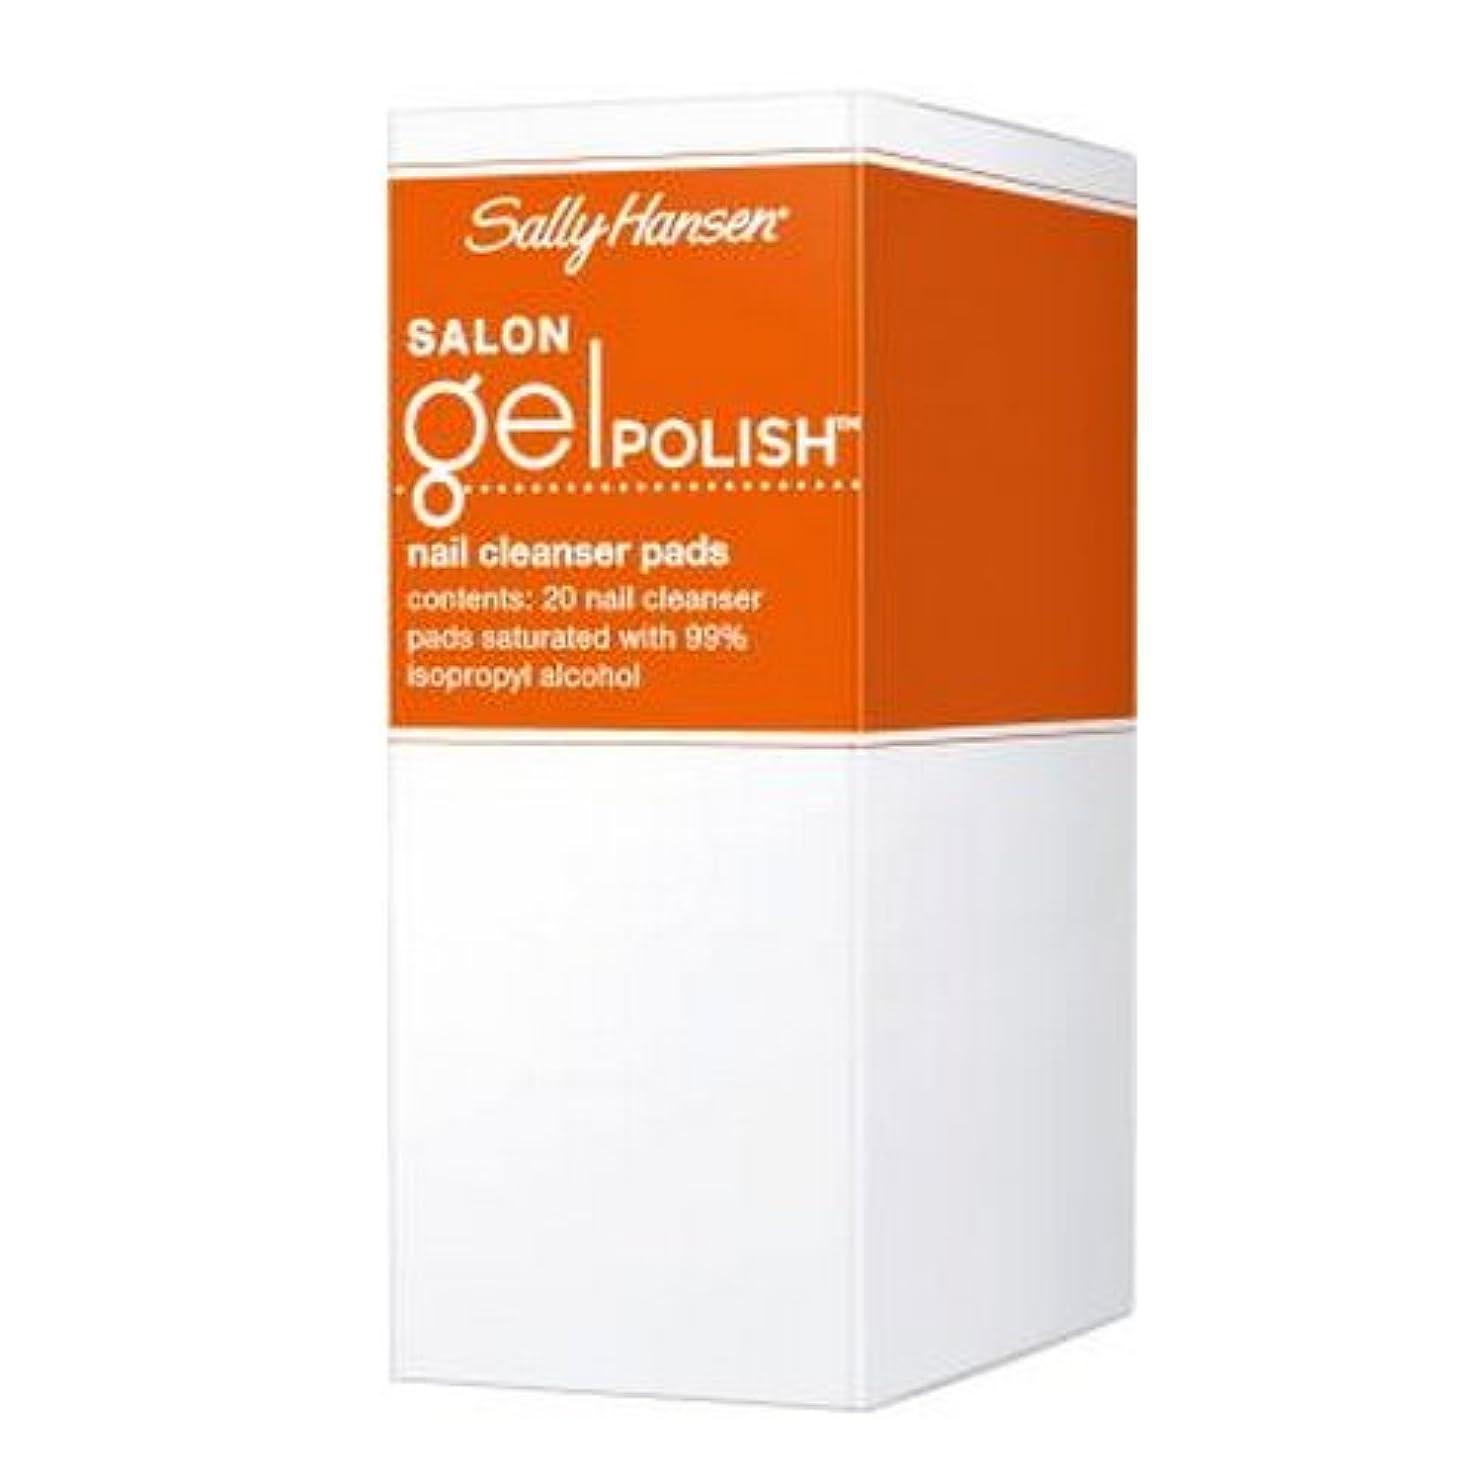 賢いポインタ不格好SALLY HANSEN Salon Gel Polish Nail Cleanser Pads - Gel Polish Cleanser Pads (並行輸入品)